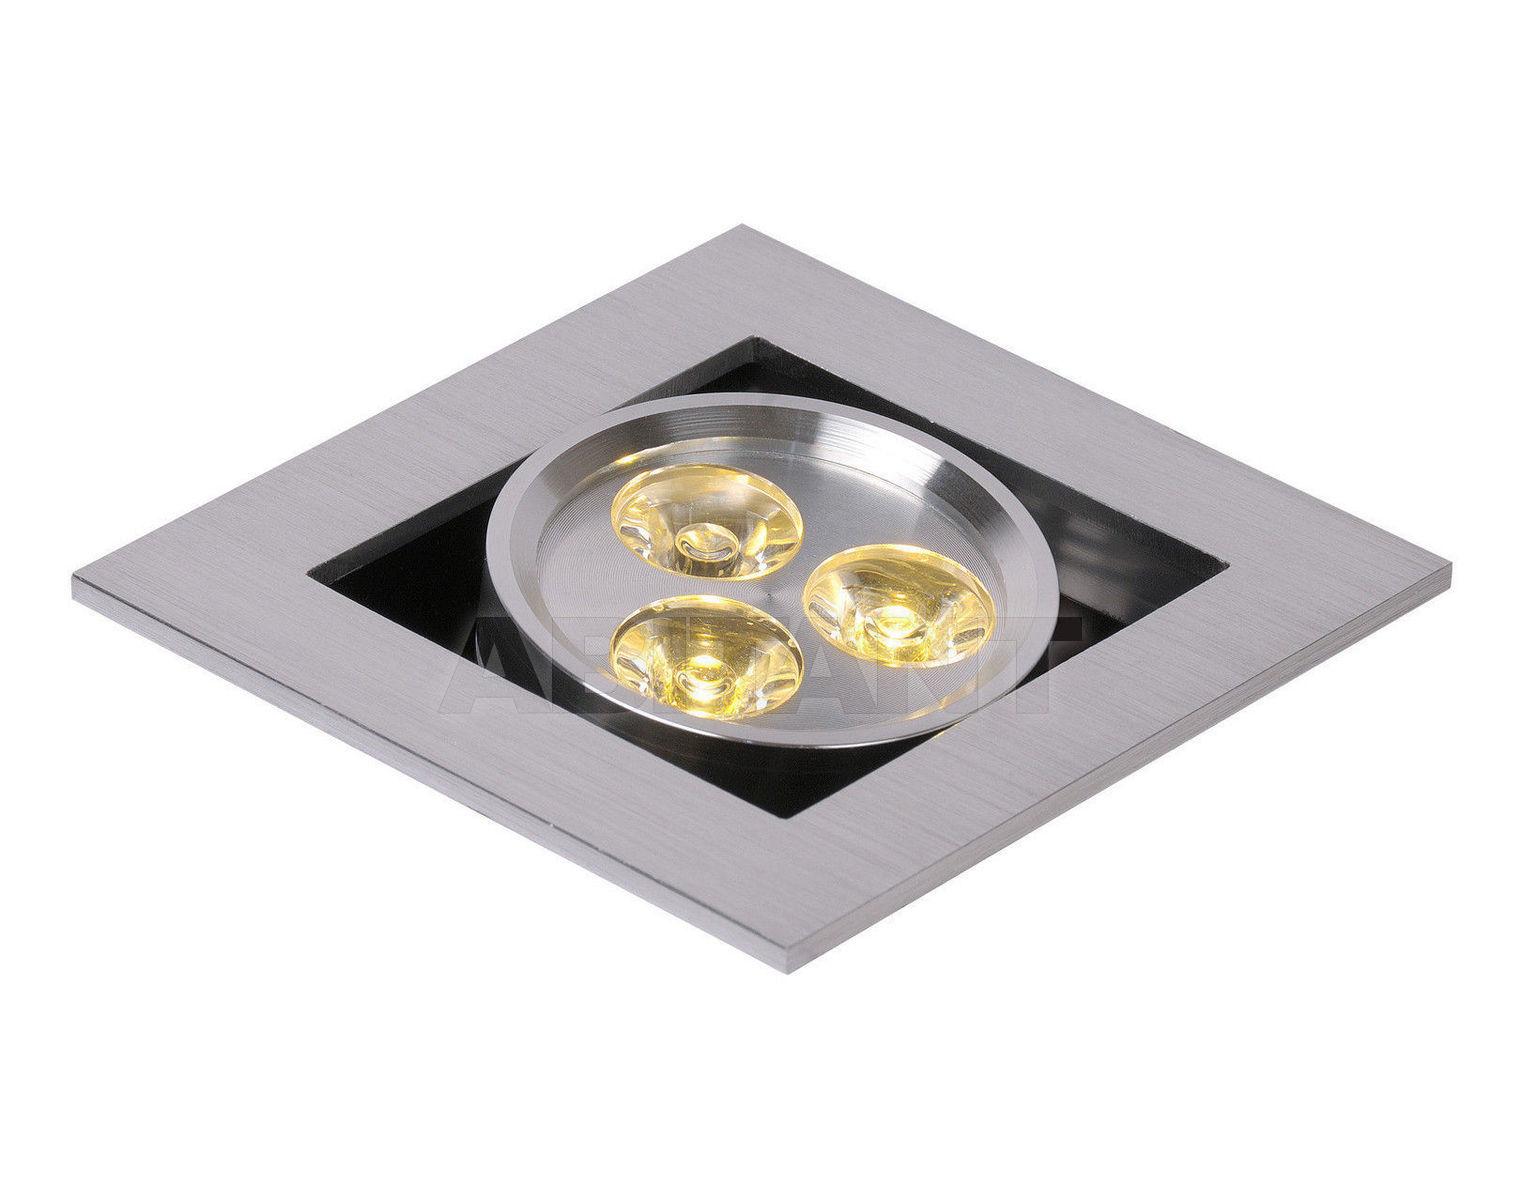 Купить Встраиваемый светильник LED HOME Lucide  Technical 28904/23/12